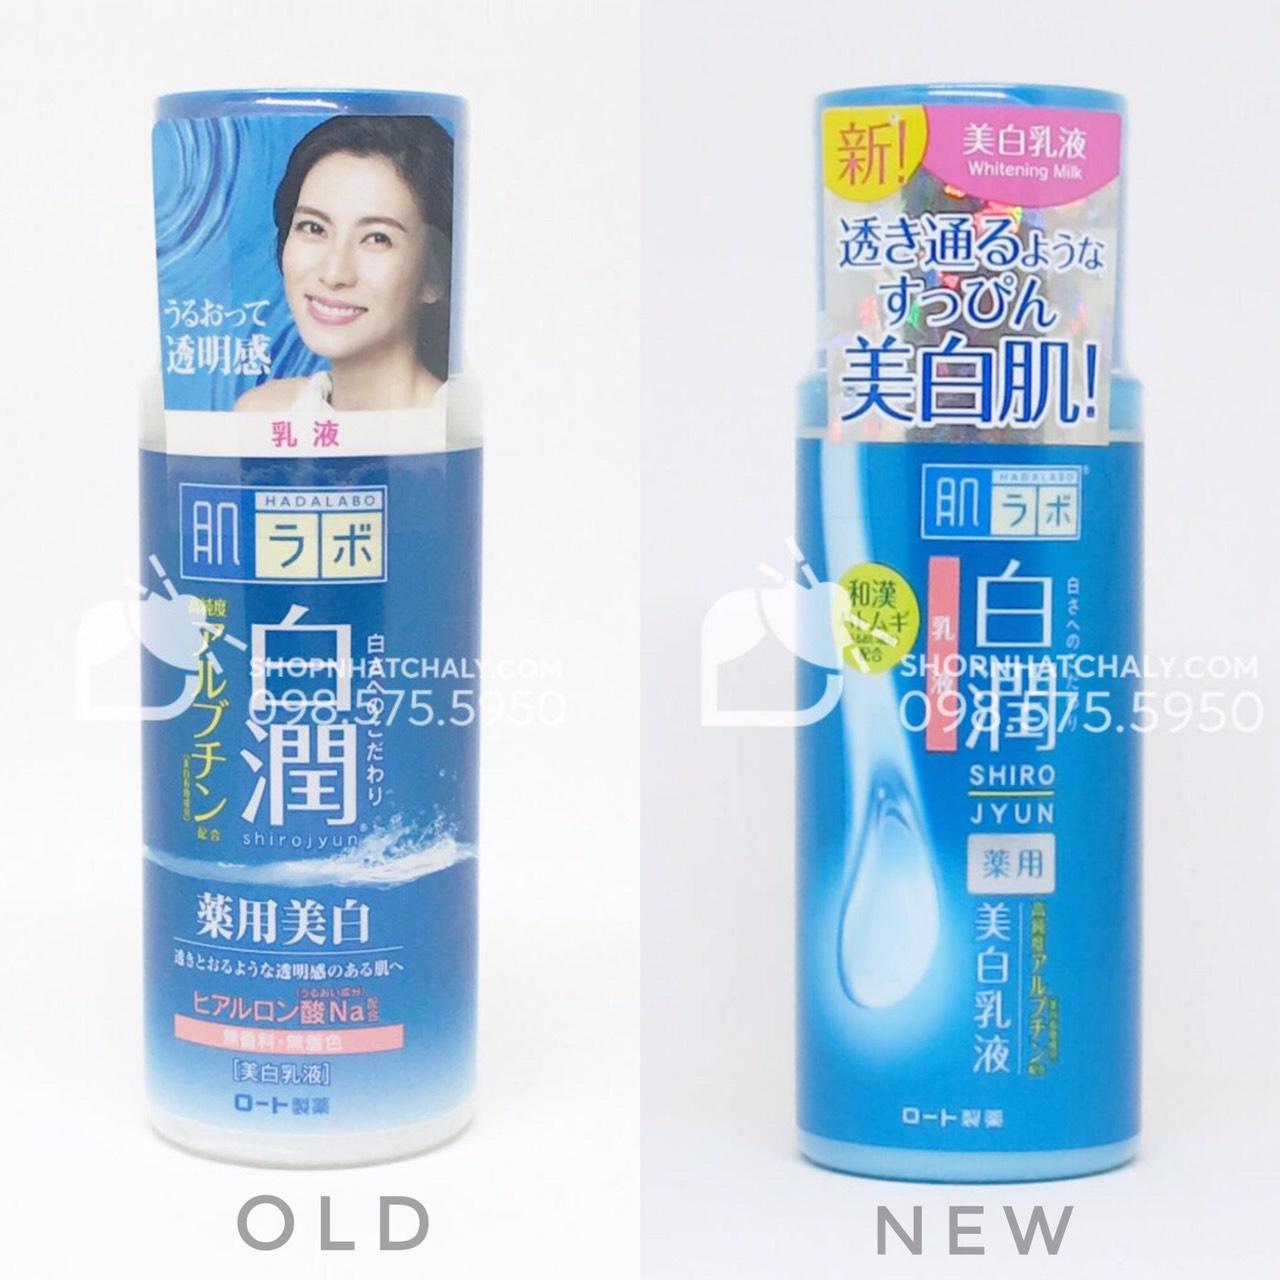 Sữa dưỡng Hada Labo màu xanh tại Shop Nhật Chaly là mẫu mới nhất 2019 (hình bên phải)